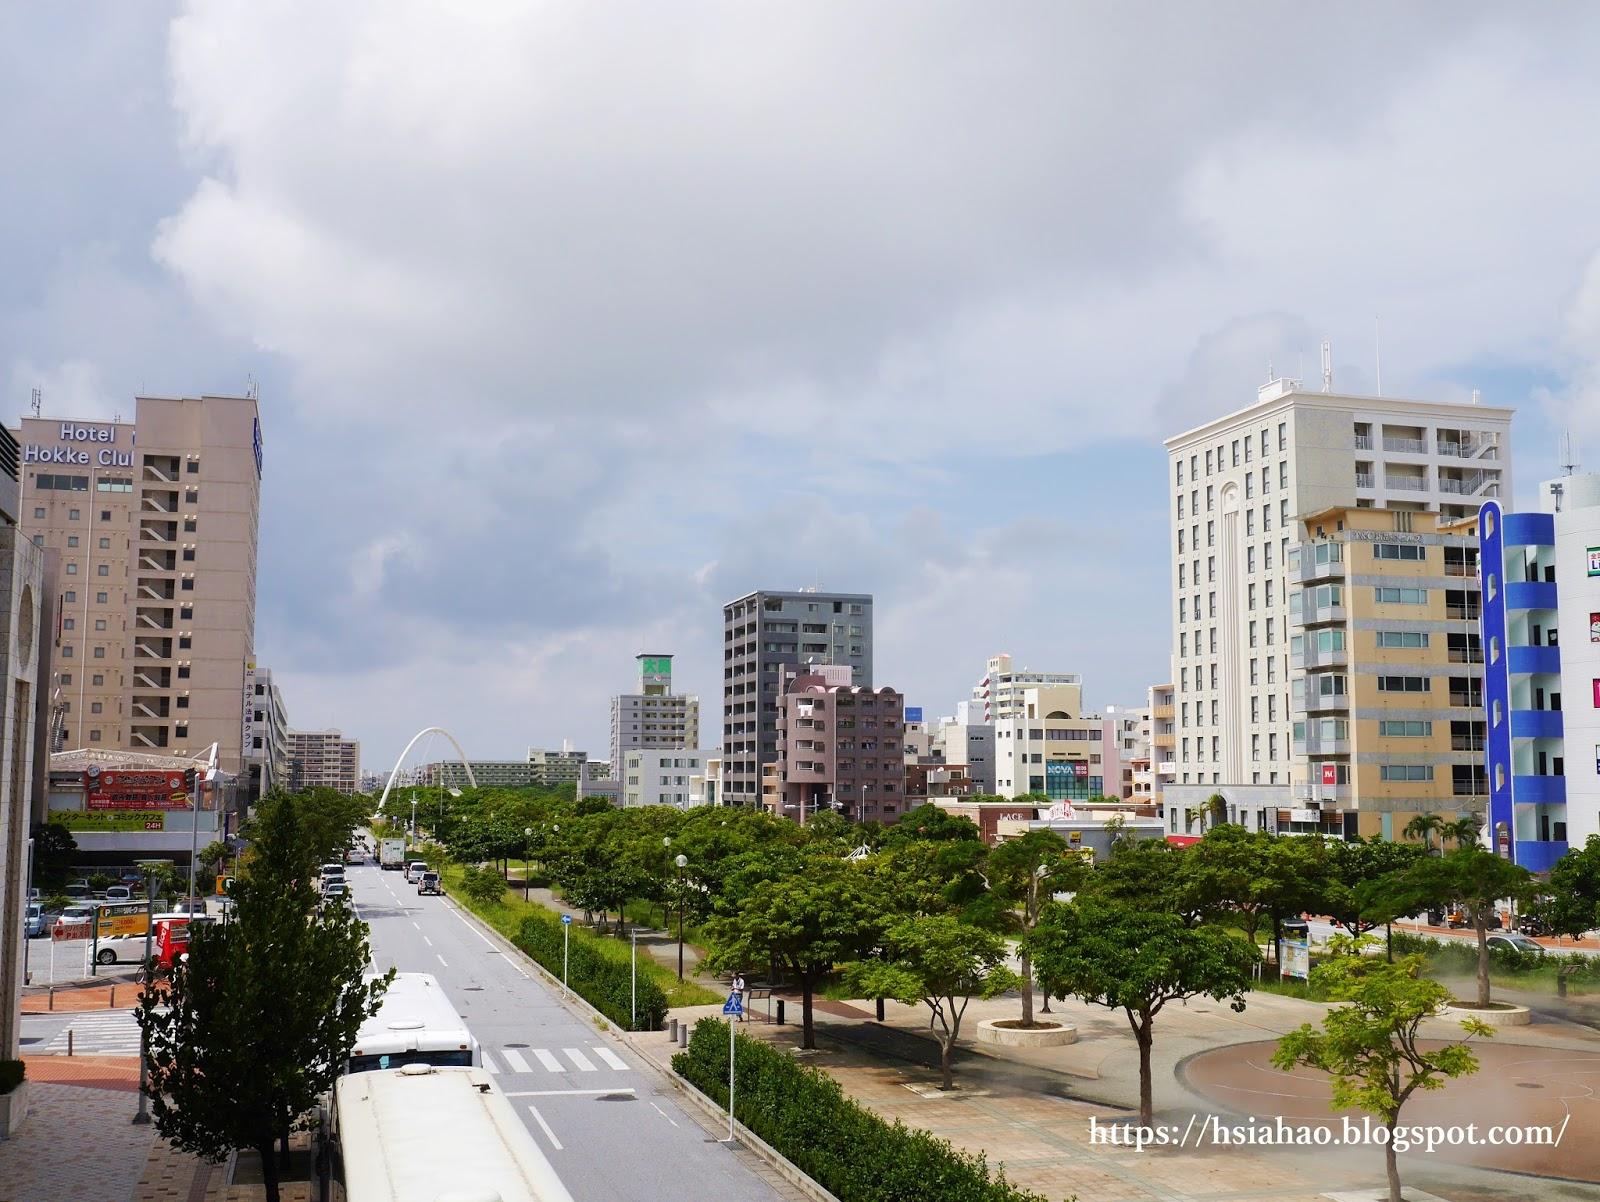 沖繩-景點-推薦-那霸-新都心-公園-自由行-旅遊-Okinawa-shintoshin